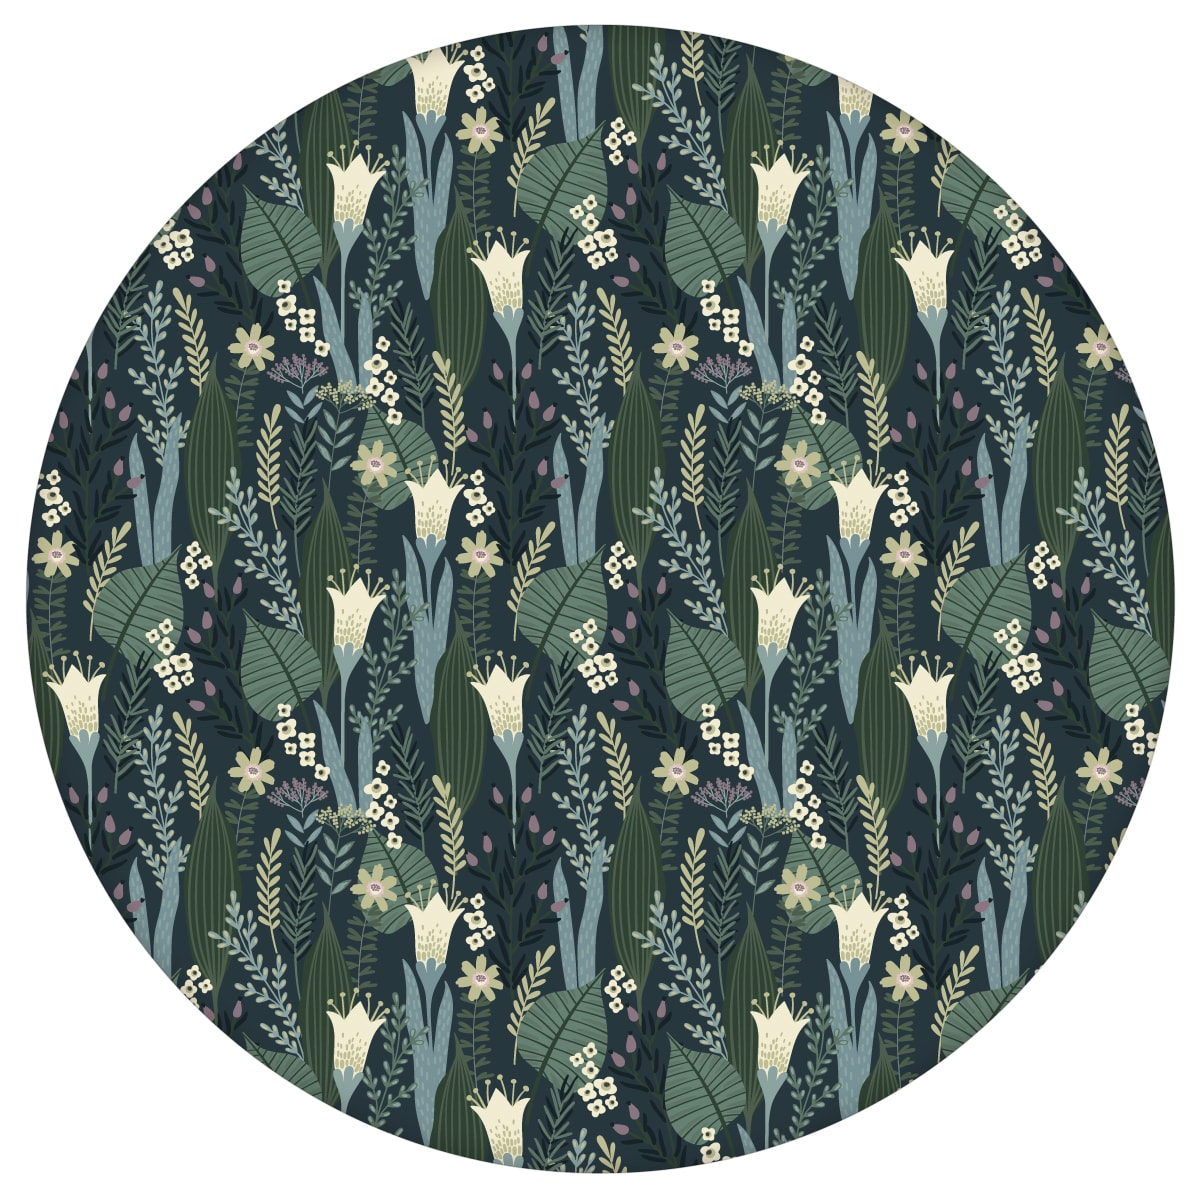 Blumentapete Wellness für die Augen in blau grün - Design Tapete für Wohnzimmeraus dem GMM-BERLIN.com Sortiment: grüne Tapete zur Raumgestaltung: #Ambiente #Blaue Tapeten #garten #Grüne Tapeten #interior #interiordesign #naiv #Pflanzen #wohnzimmerBlumen für individuelles Interiordesign